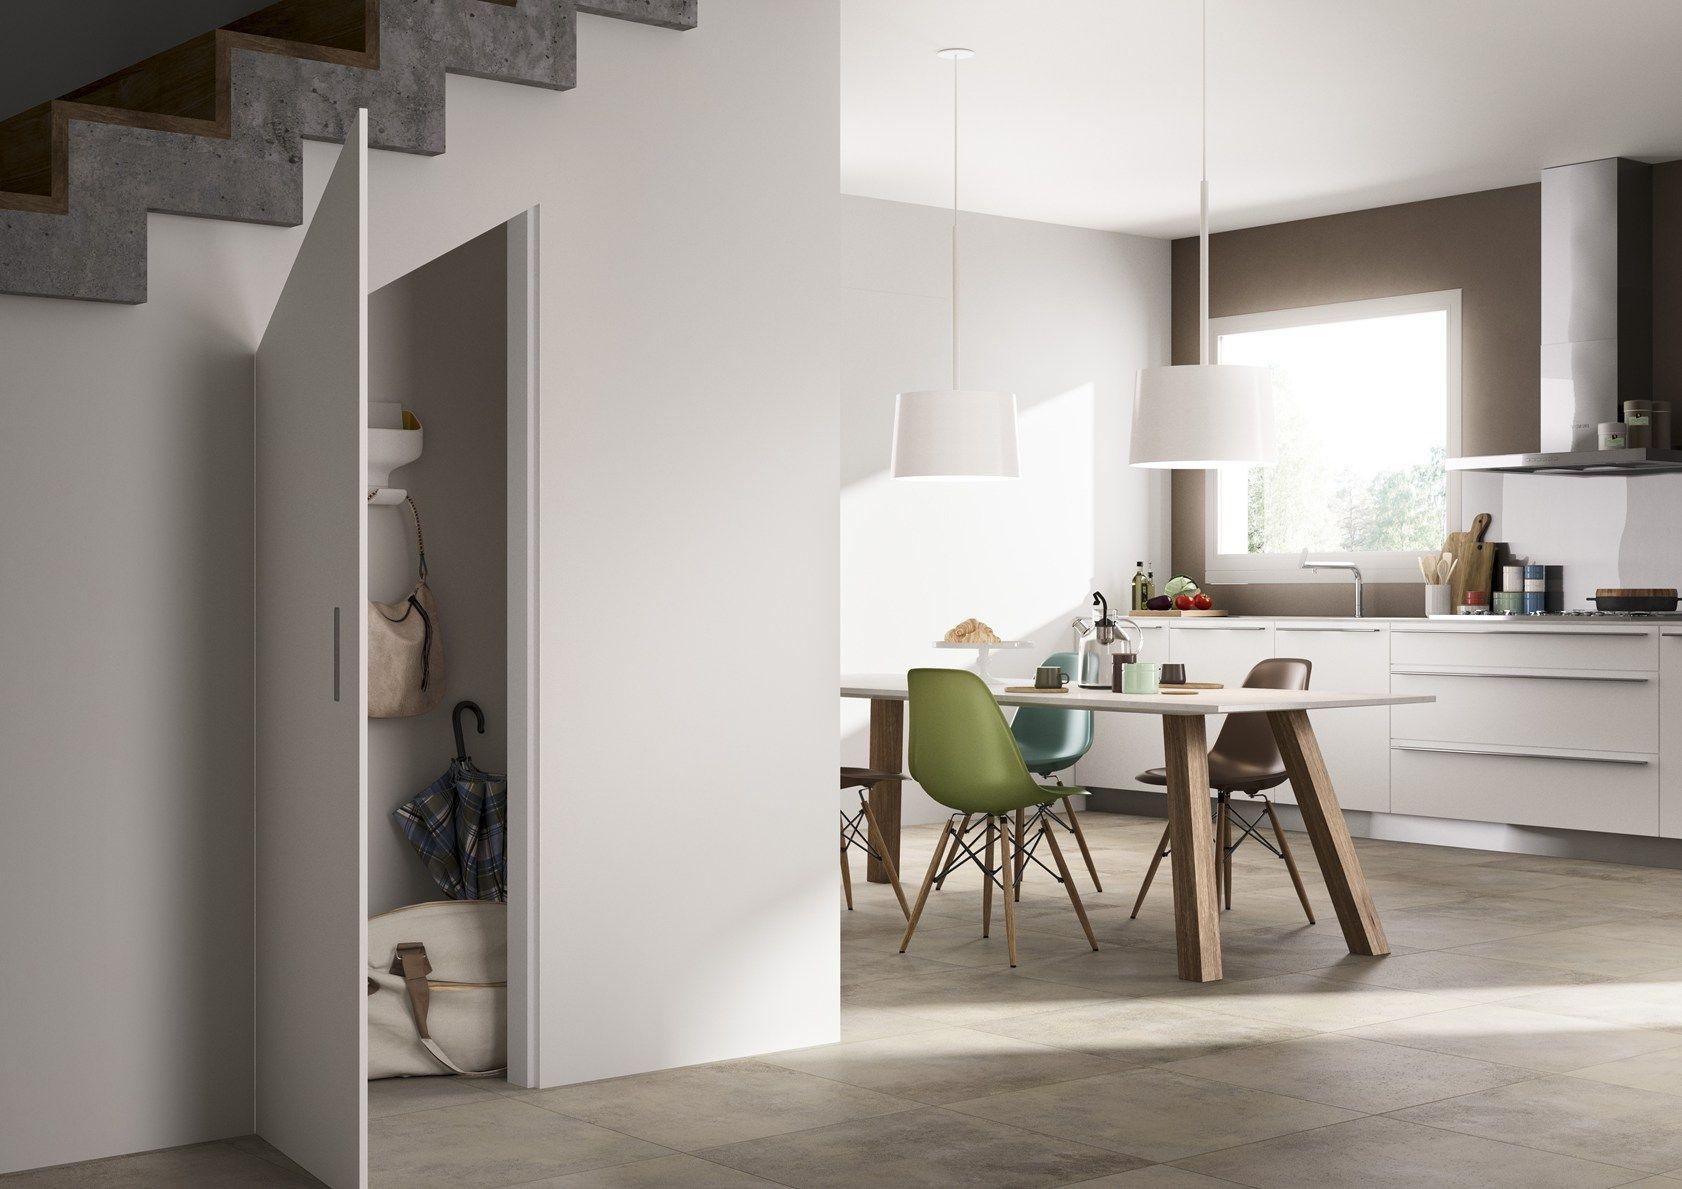 Chiusure minimaliste per ogni spazio della casa